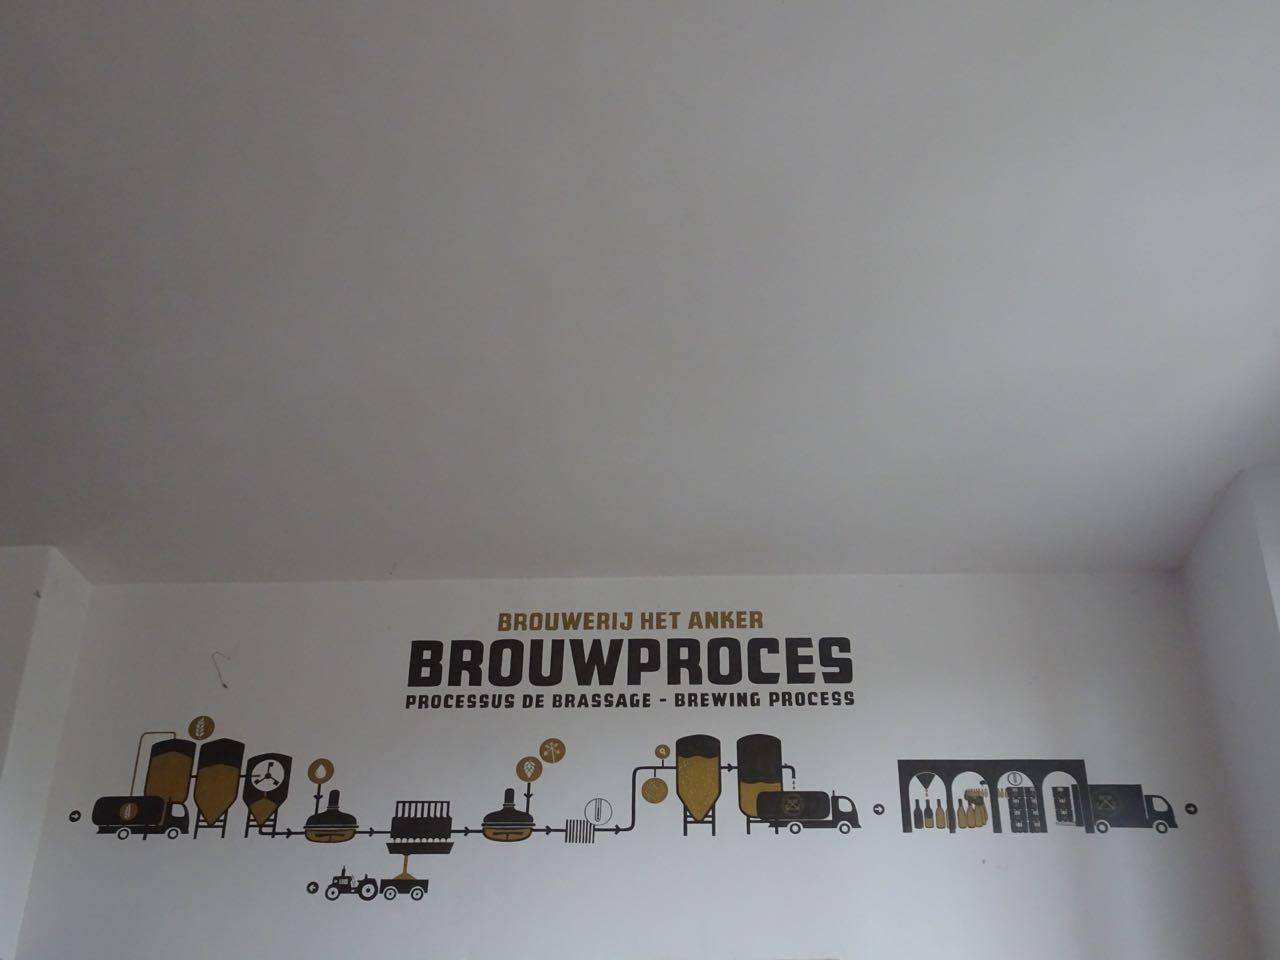 Brouwerij Het Anker - brouwproces